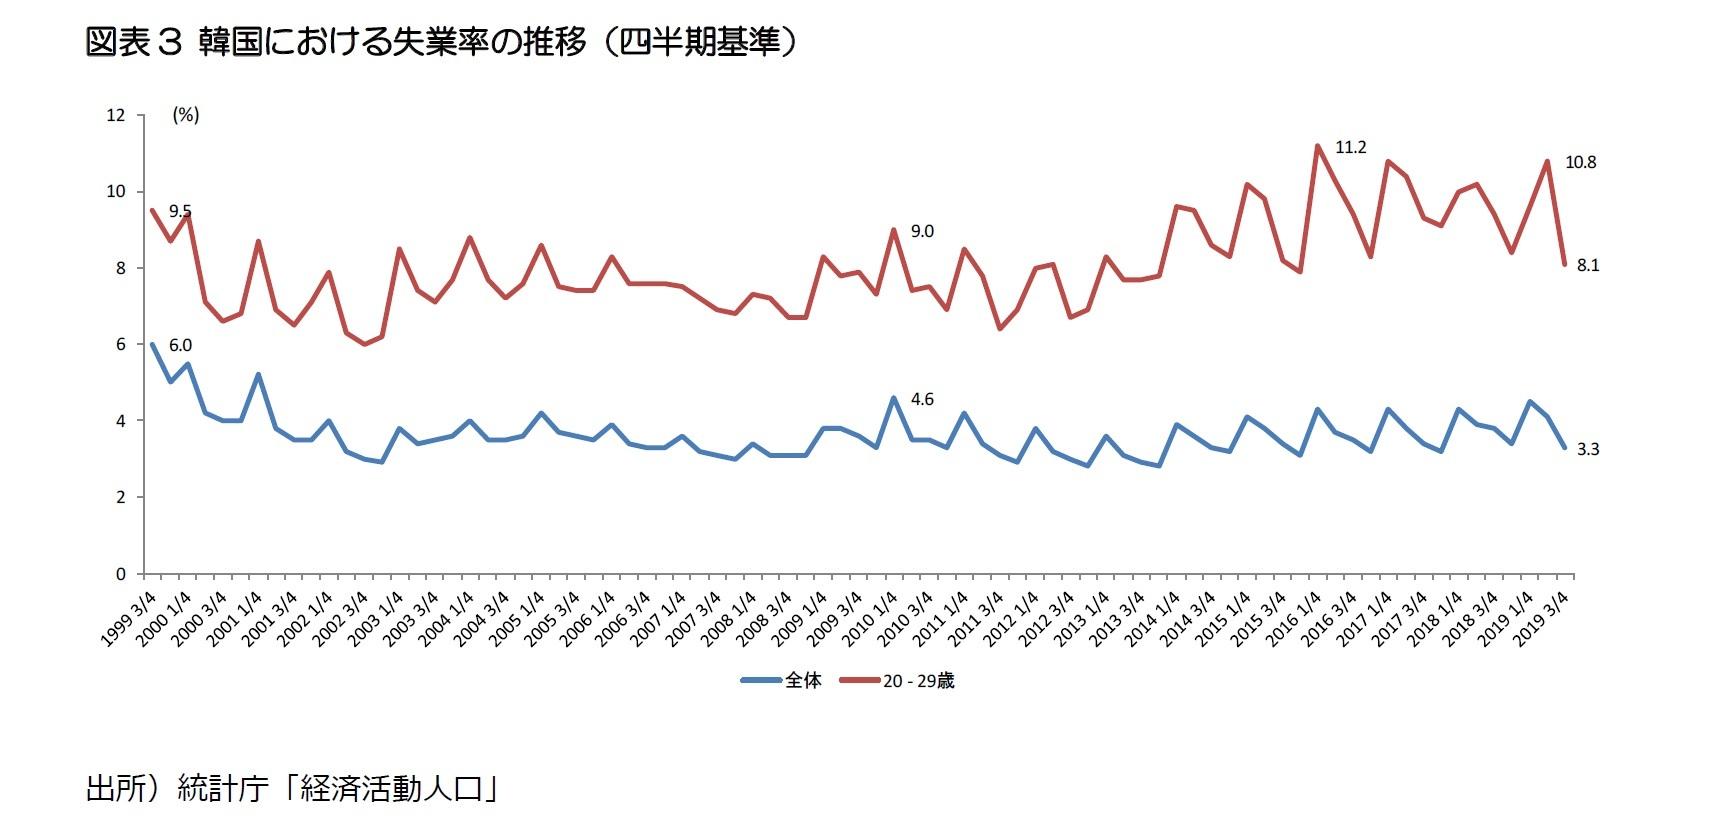 図表3 韓国における失業率の推移(四半期基準)